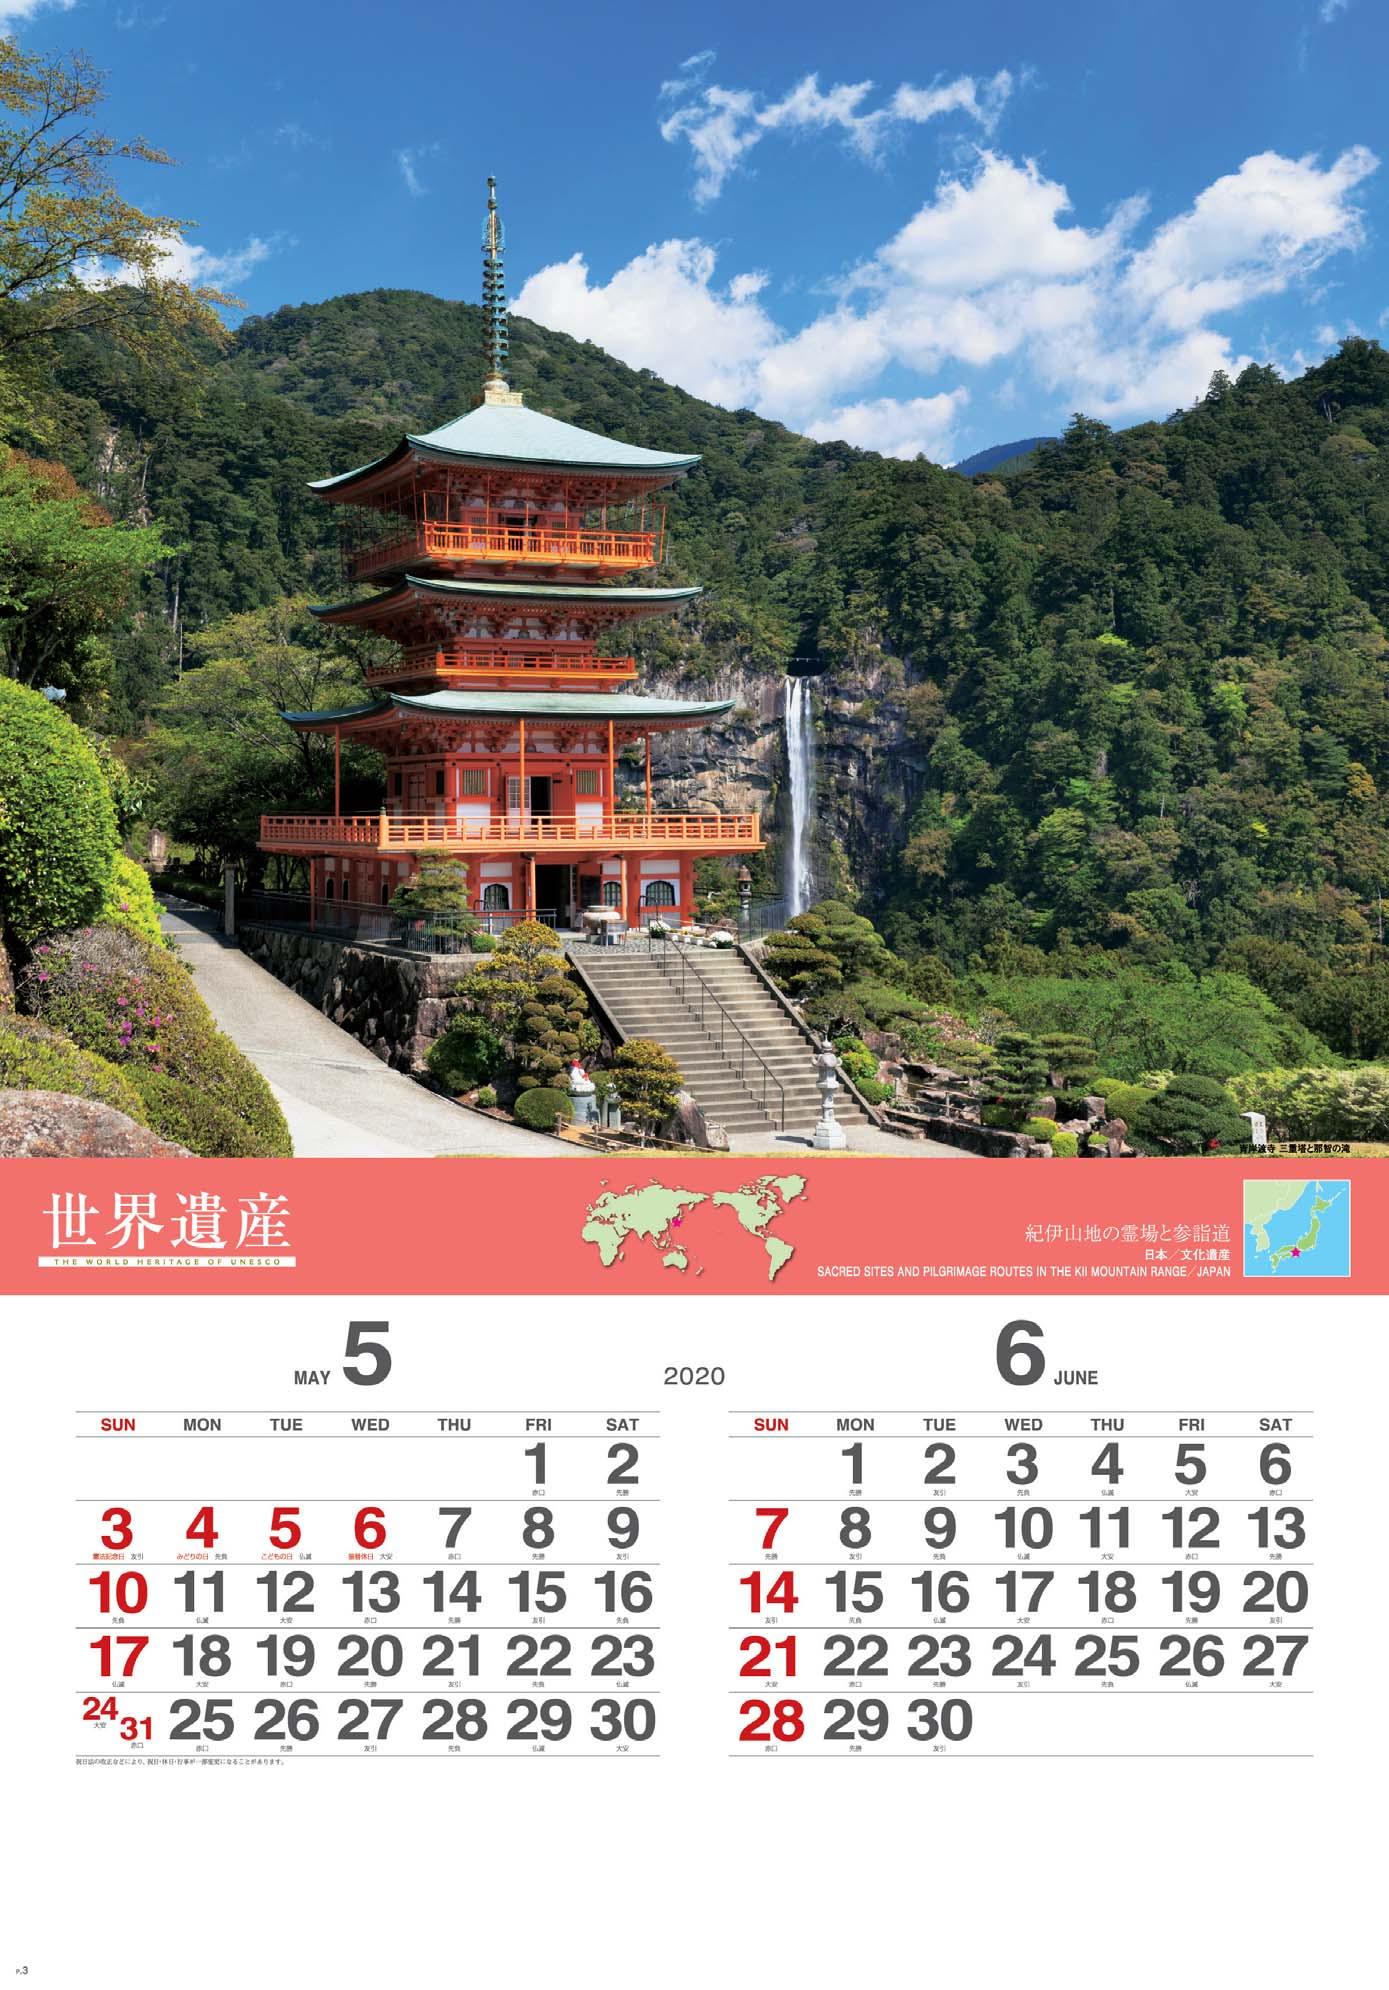 画像:紀伊山地の霊場と参詣道(日本) ユネスコ世界遺産(フィルムカレンダー) 2020年カレンダー